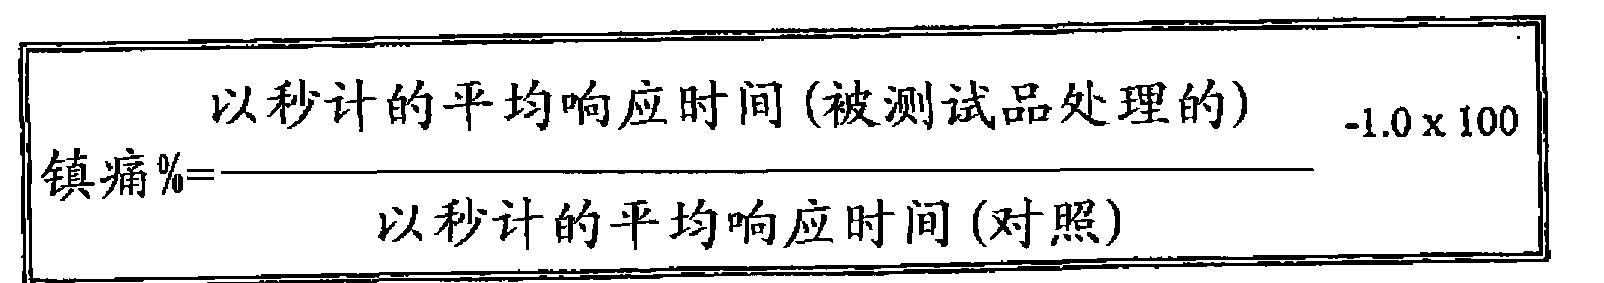 Figure CN101208345BD00501